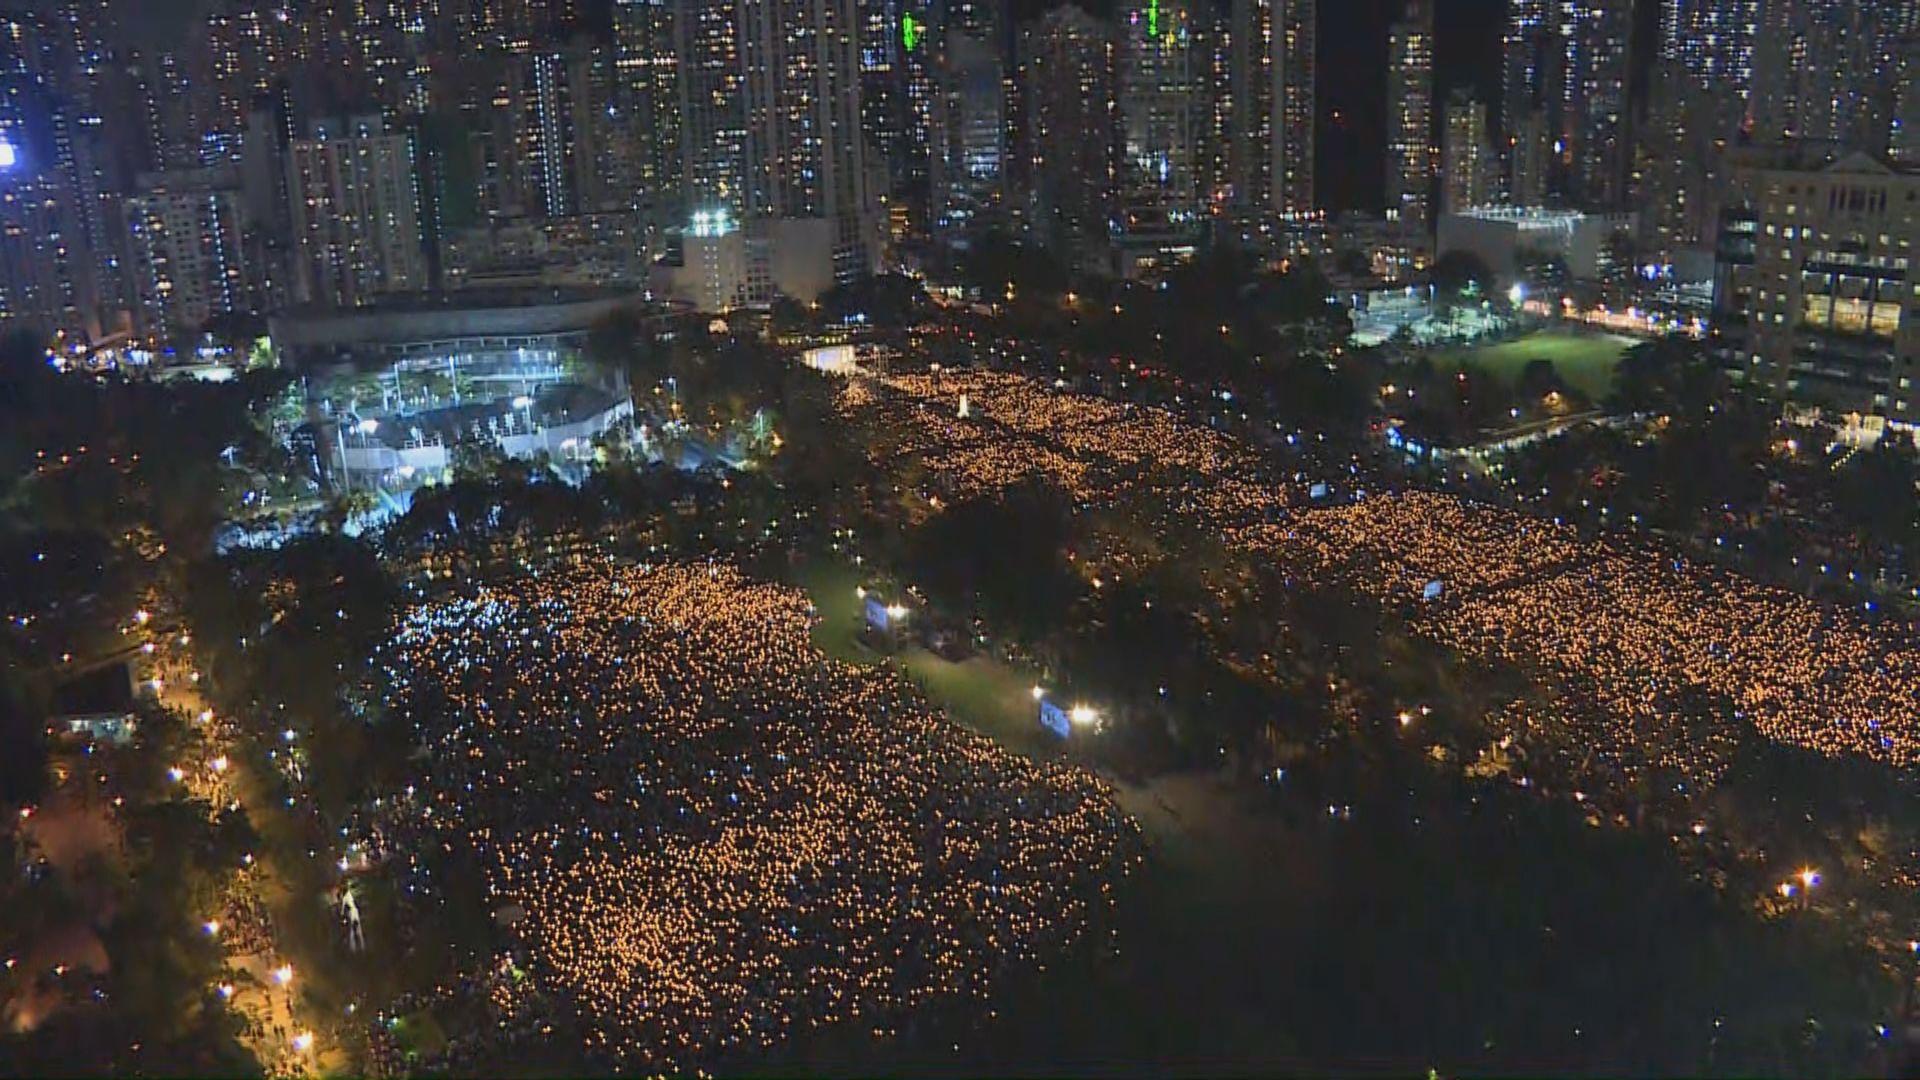 【六四晚會】支聯會稱逾18萬人參與晚會